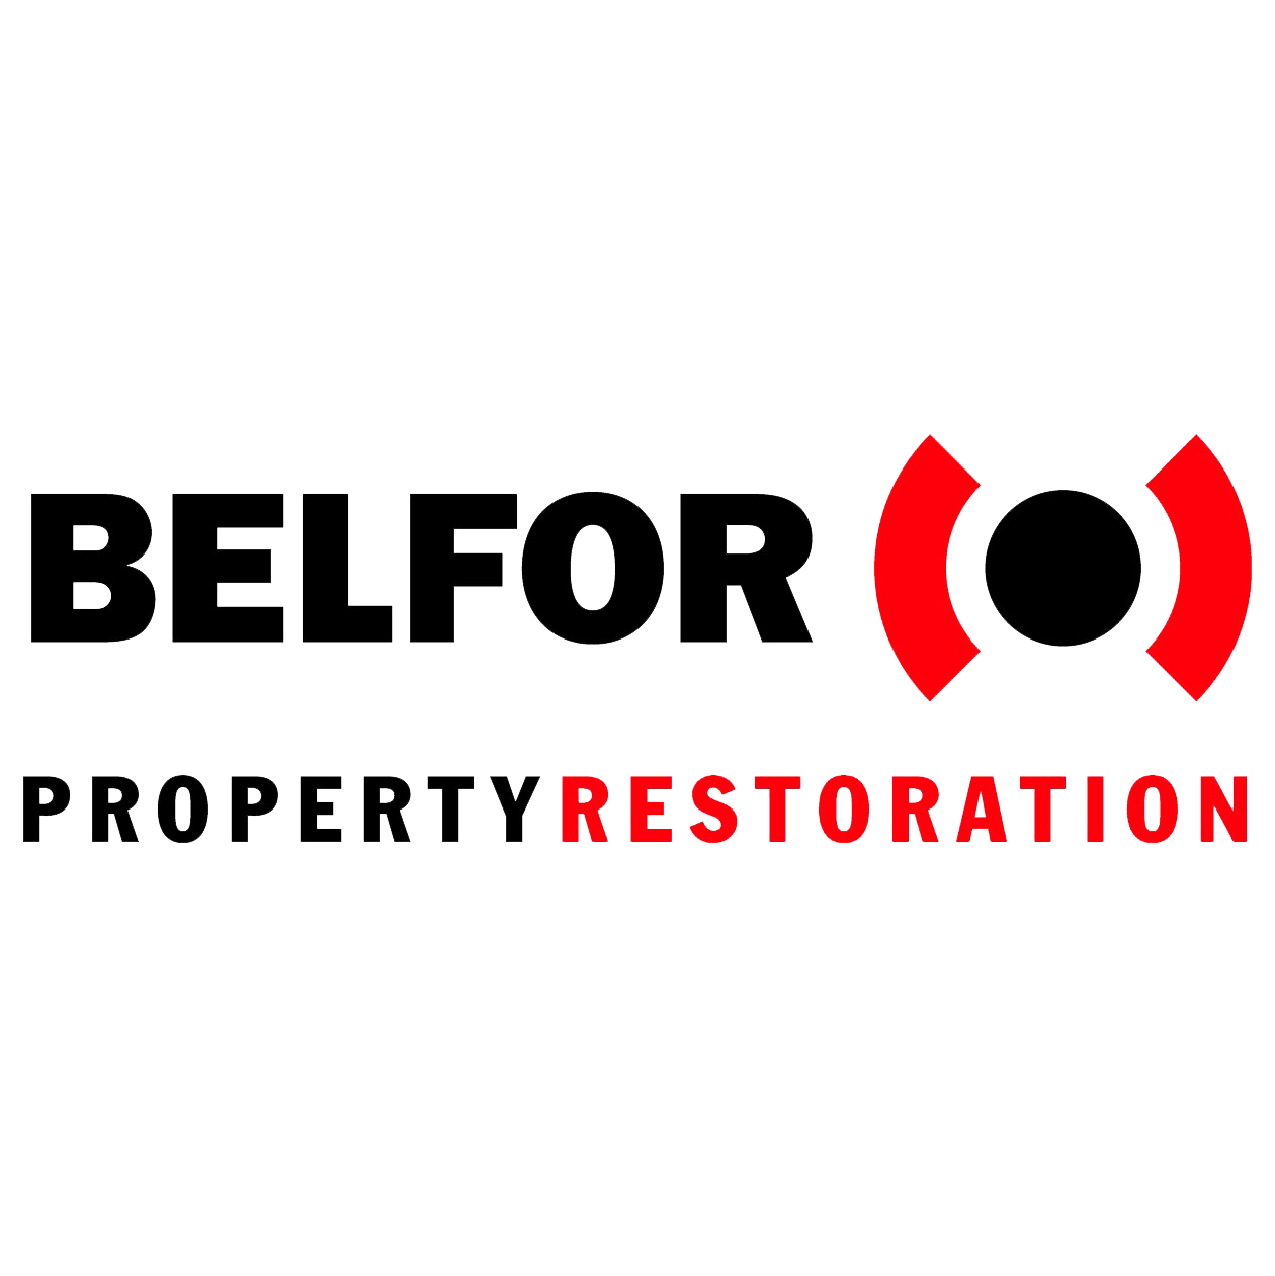 BELFOR Online_Artboard 1